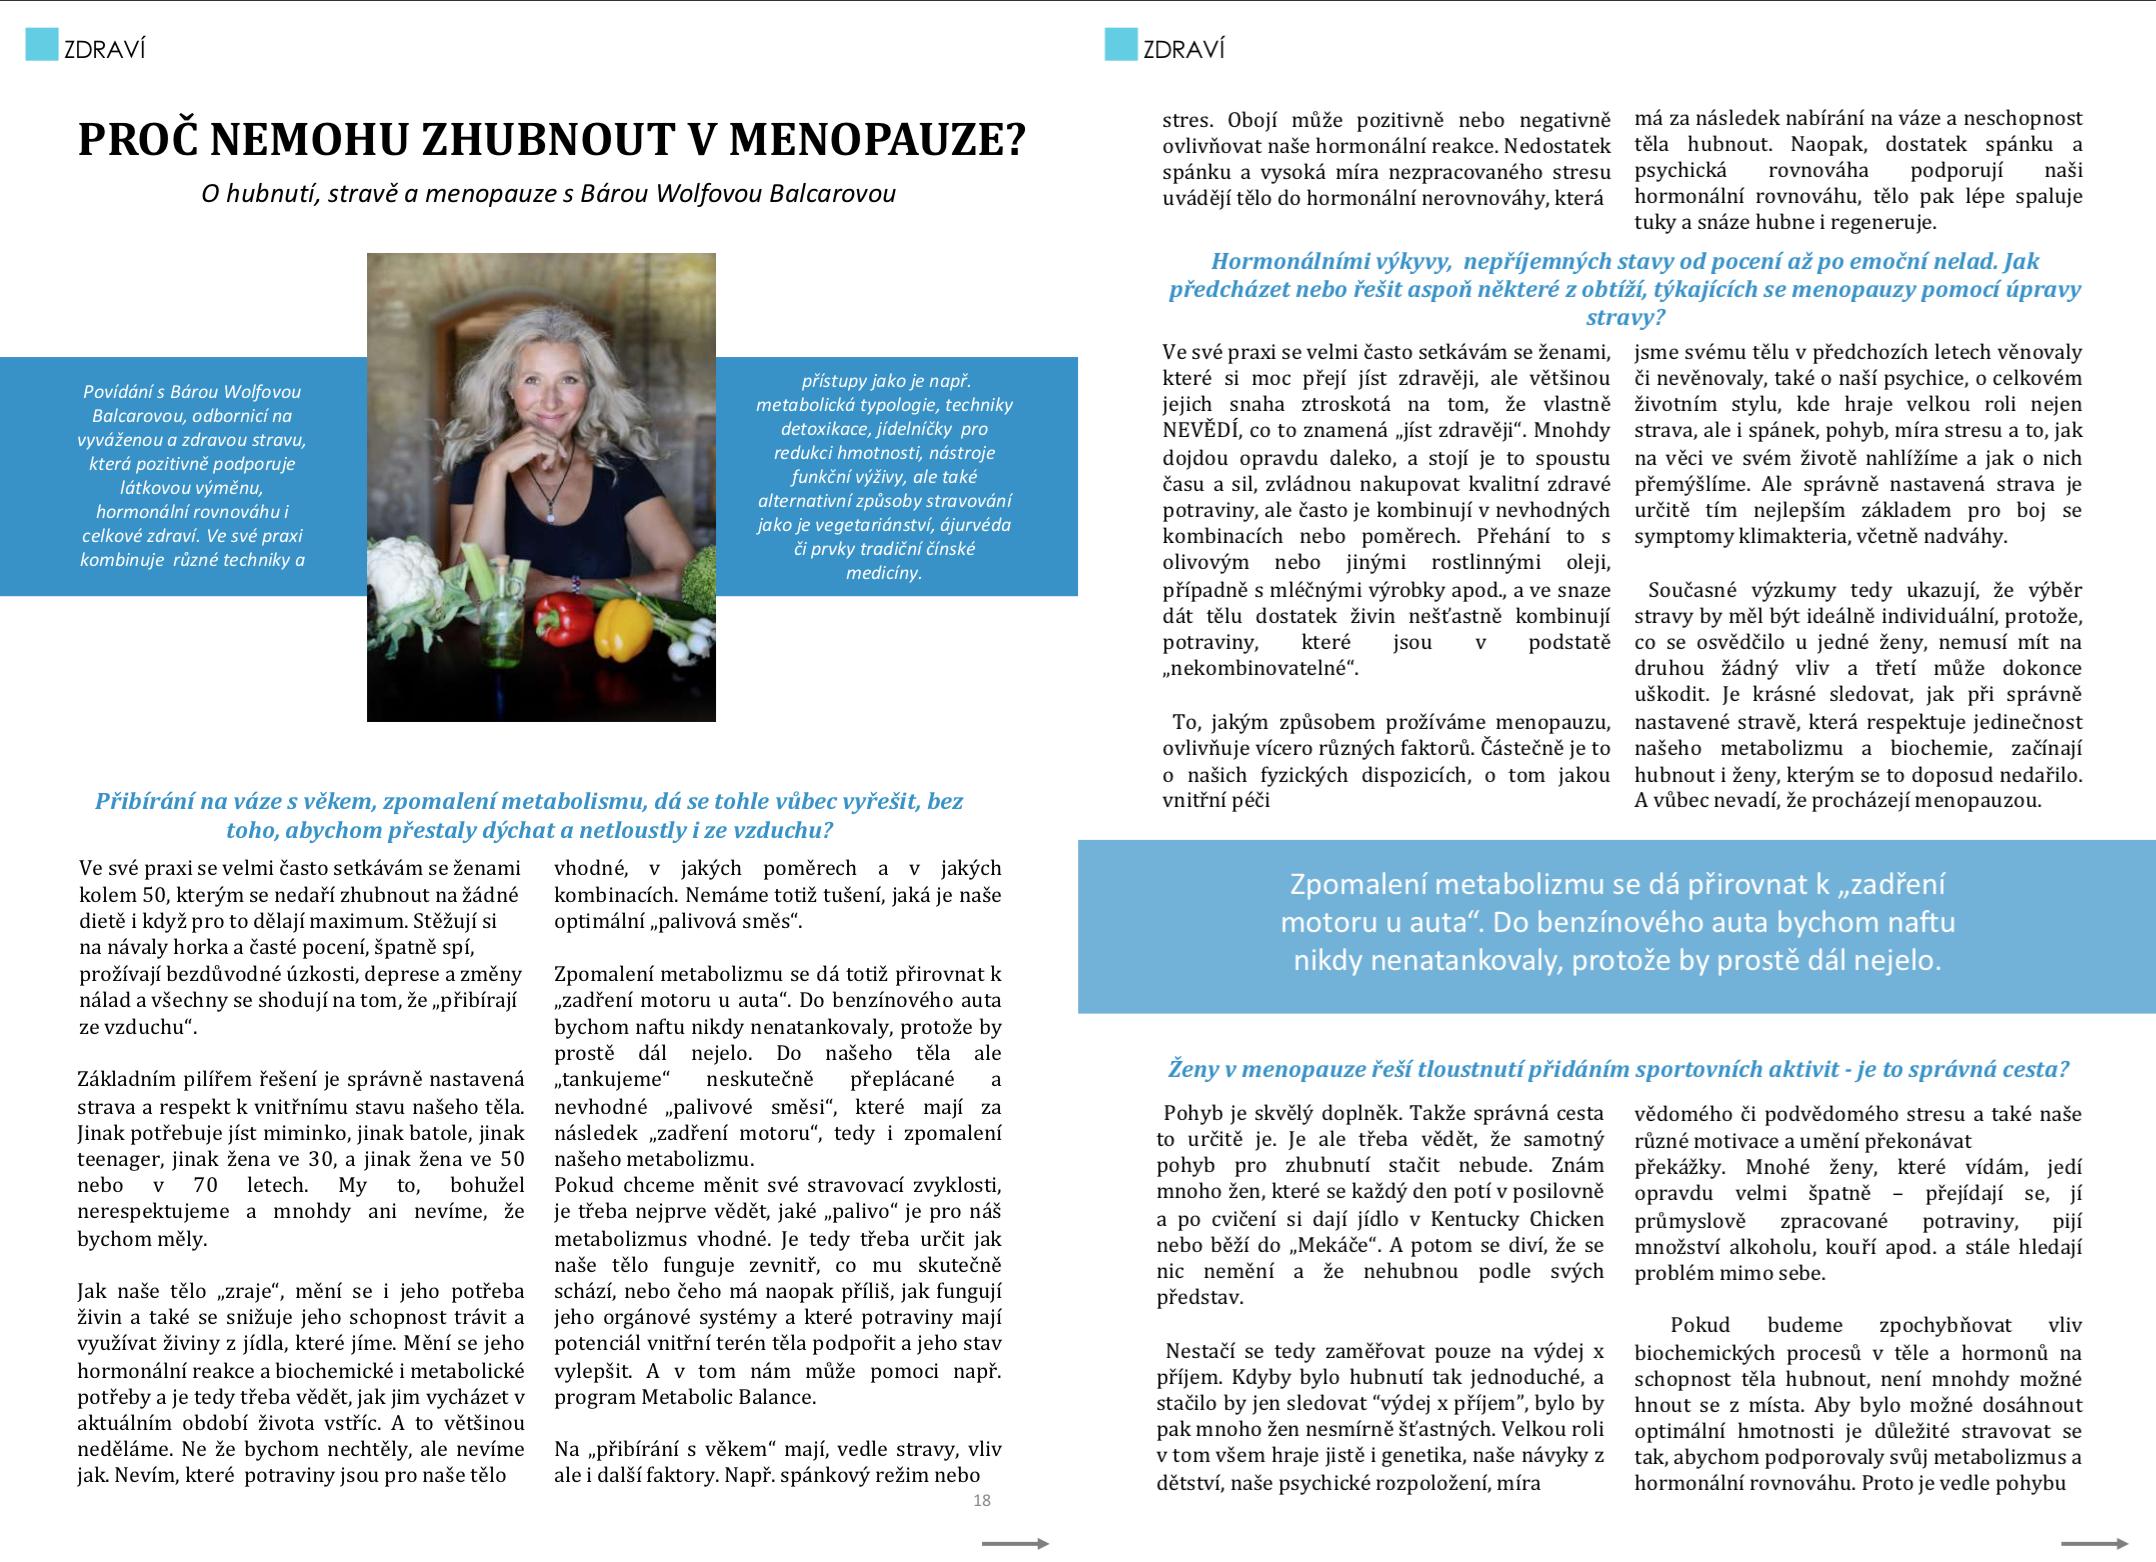 Jak zhubnout v menopauze - časopis ke stažení zdarma